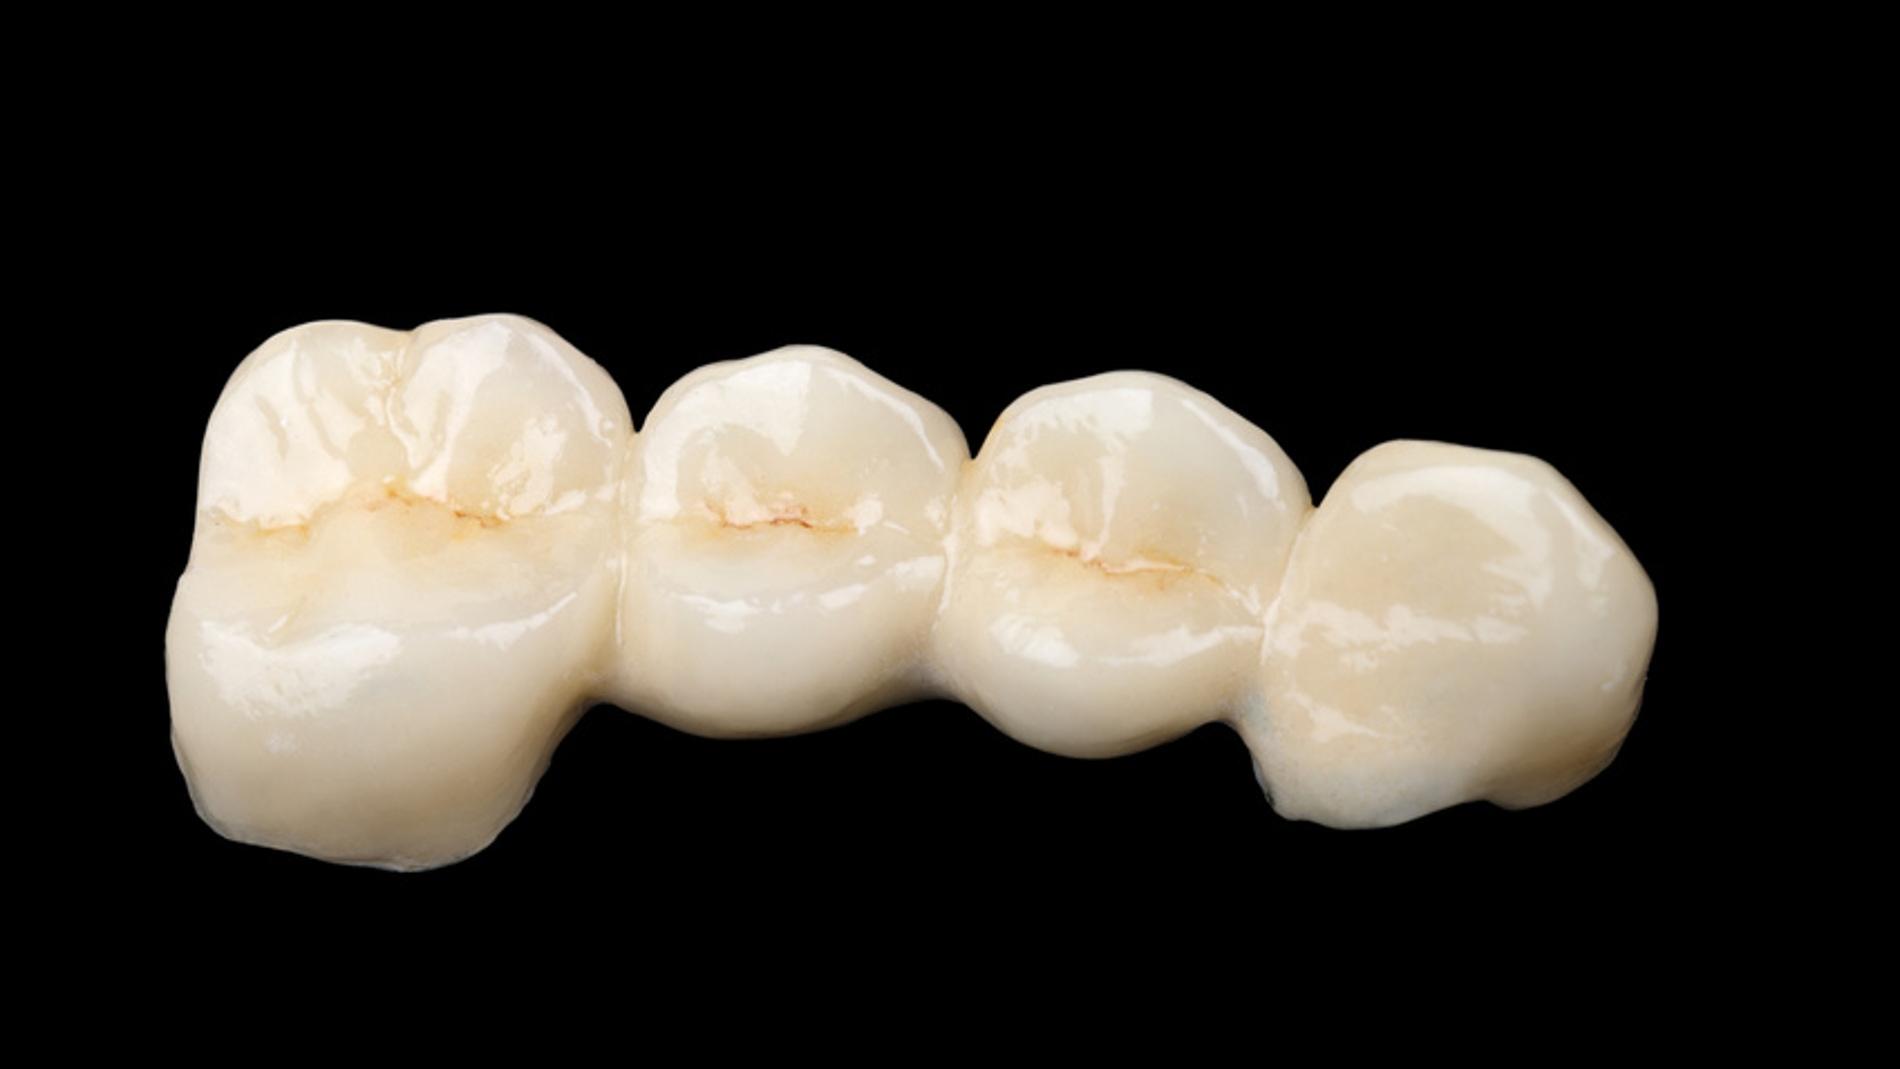 El esmalte que recubre nuestros dientes